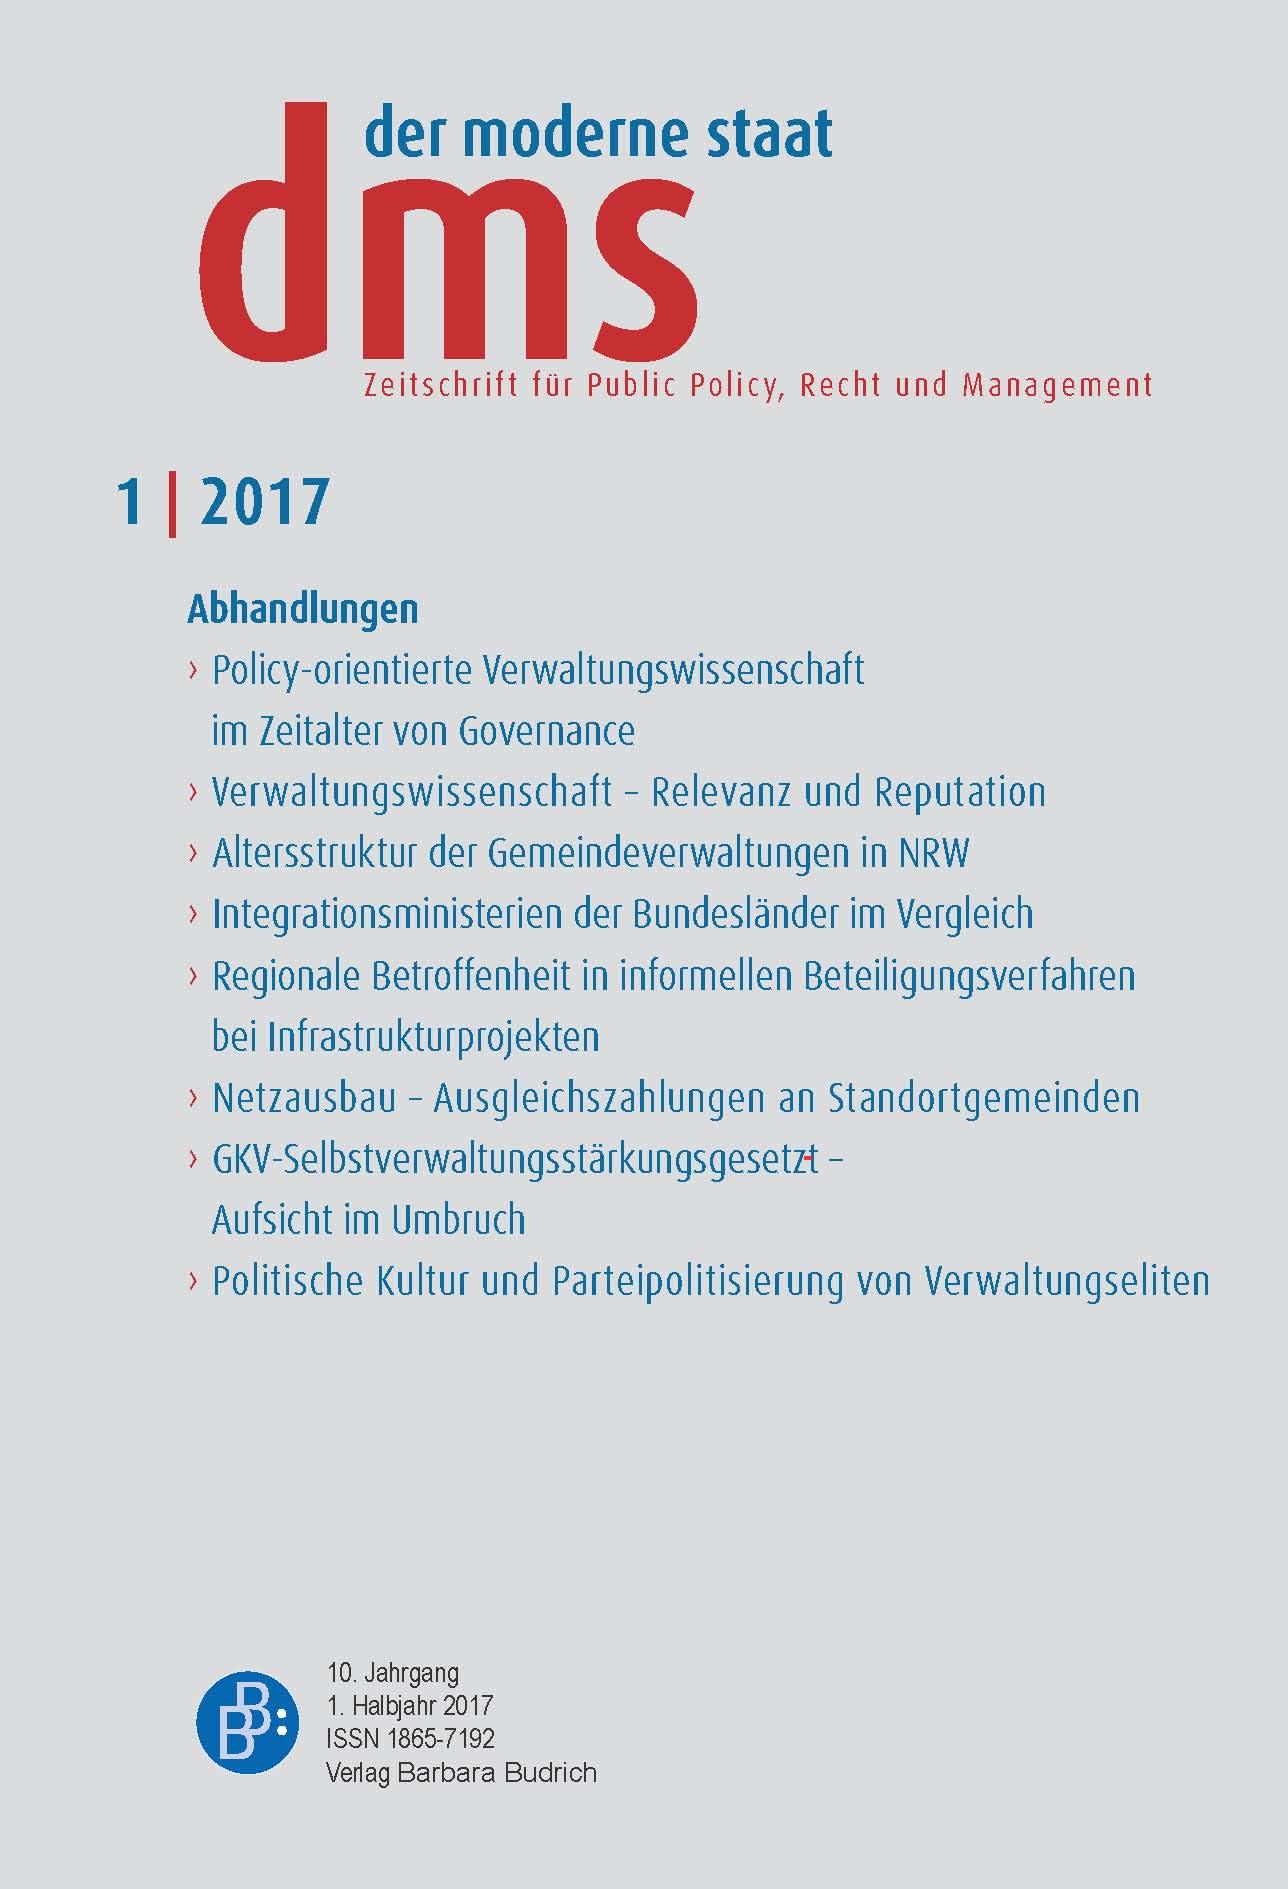 dms 1-2017 | Freie Beiträge